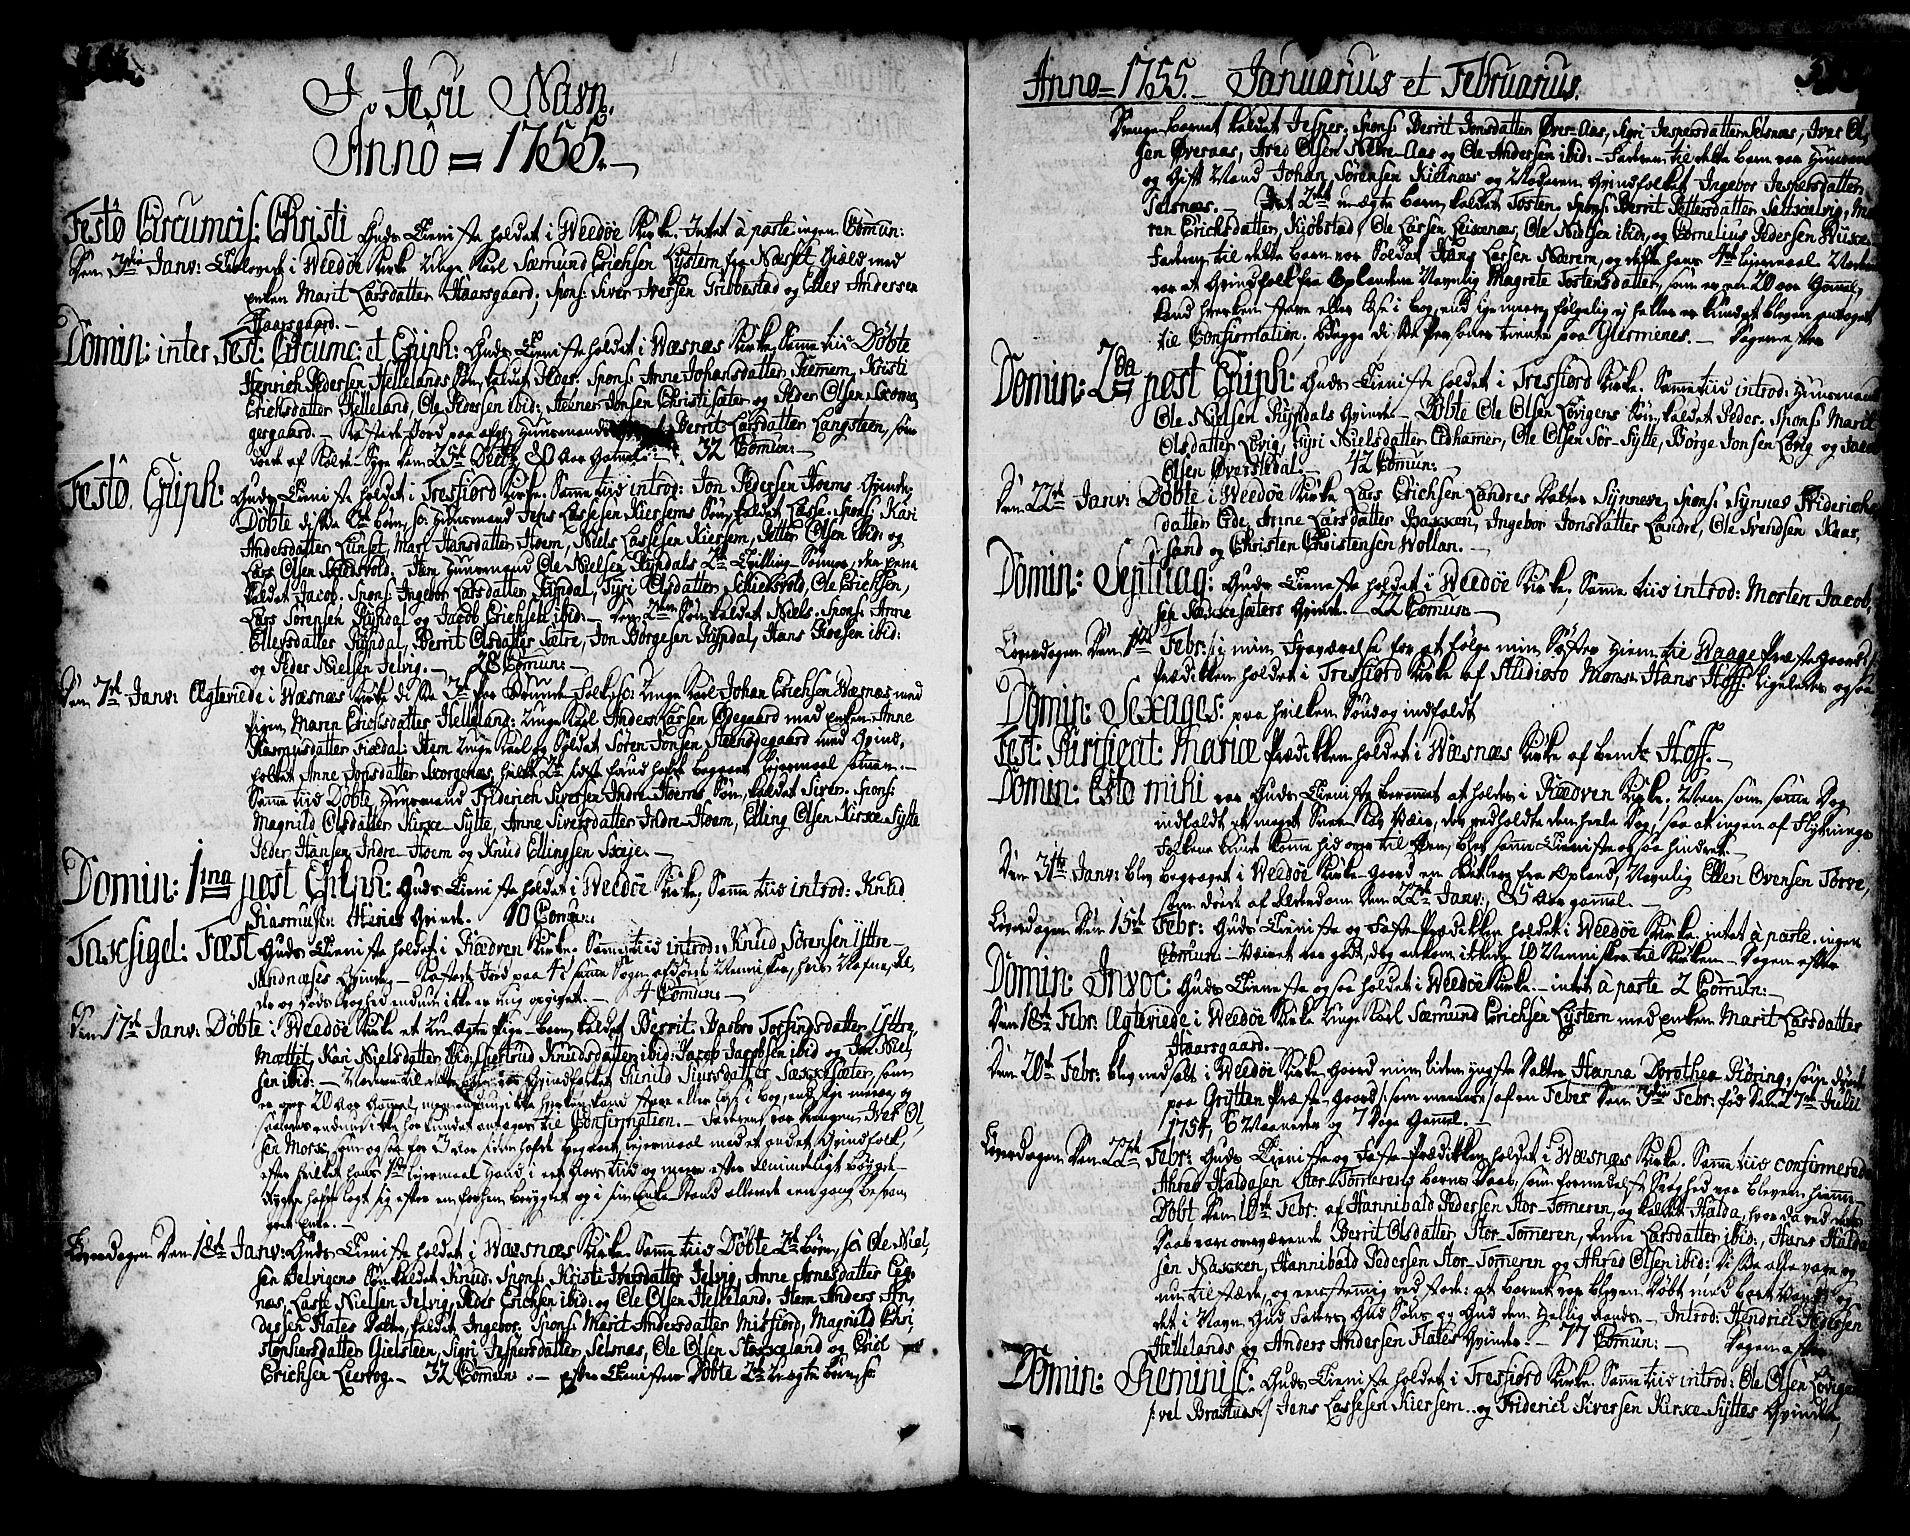 SAT, Ministerialprotokoller, klokkerbøker og fødselsregistre - Møre og Romsdal, 547/L0599: Ministerialbok nr. 547A01, 1721-1764, s. 393-394